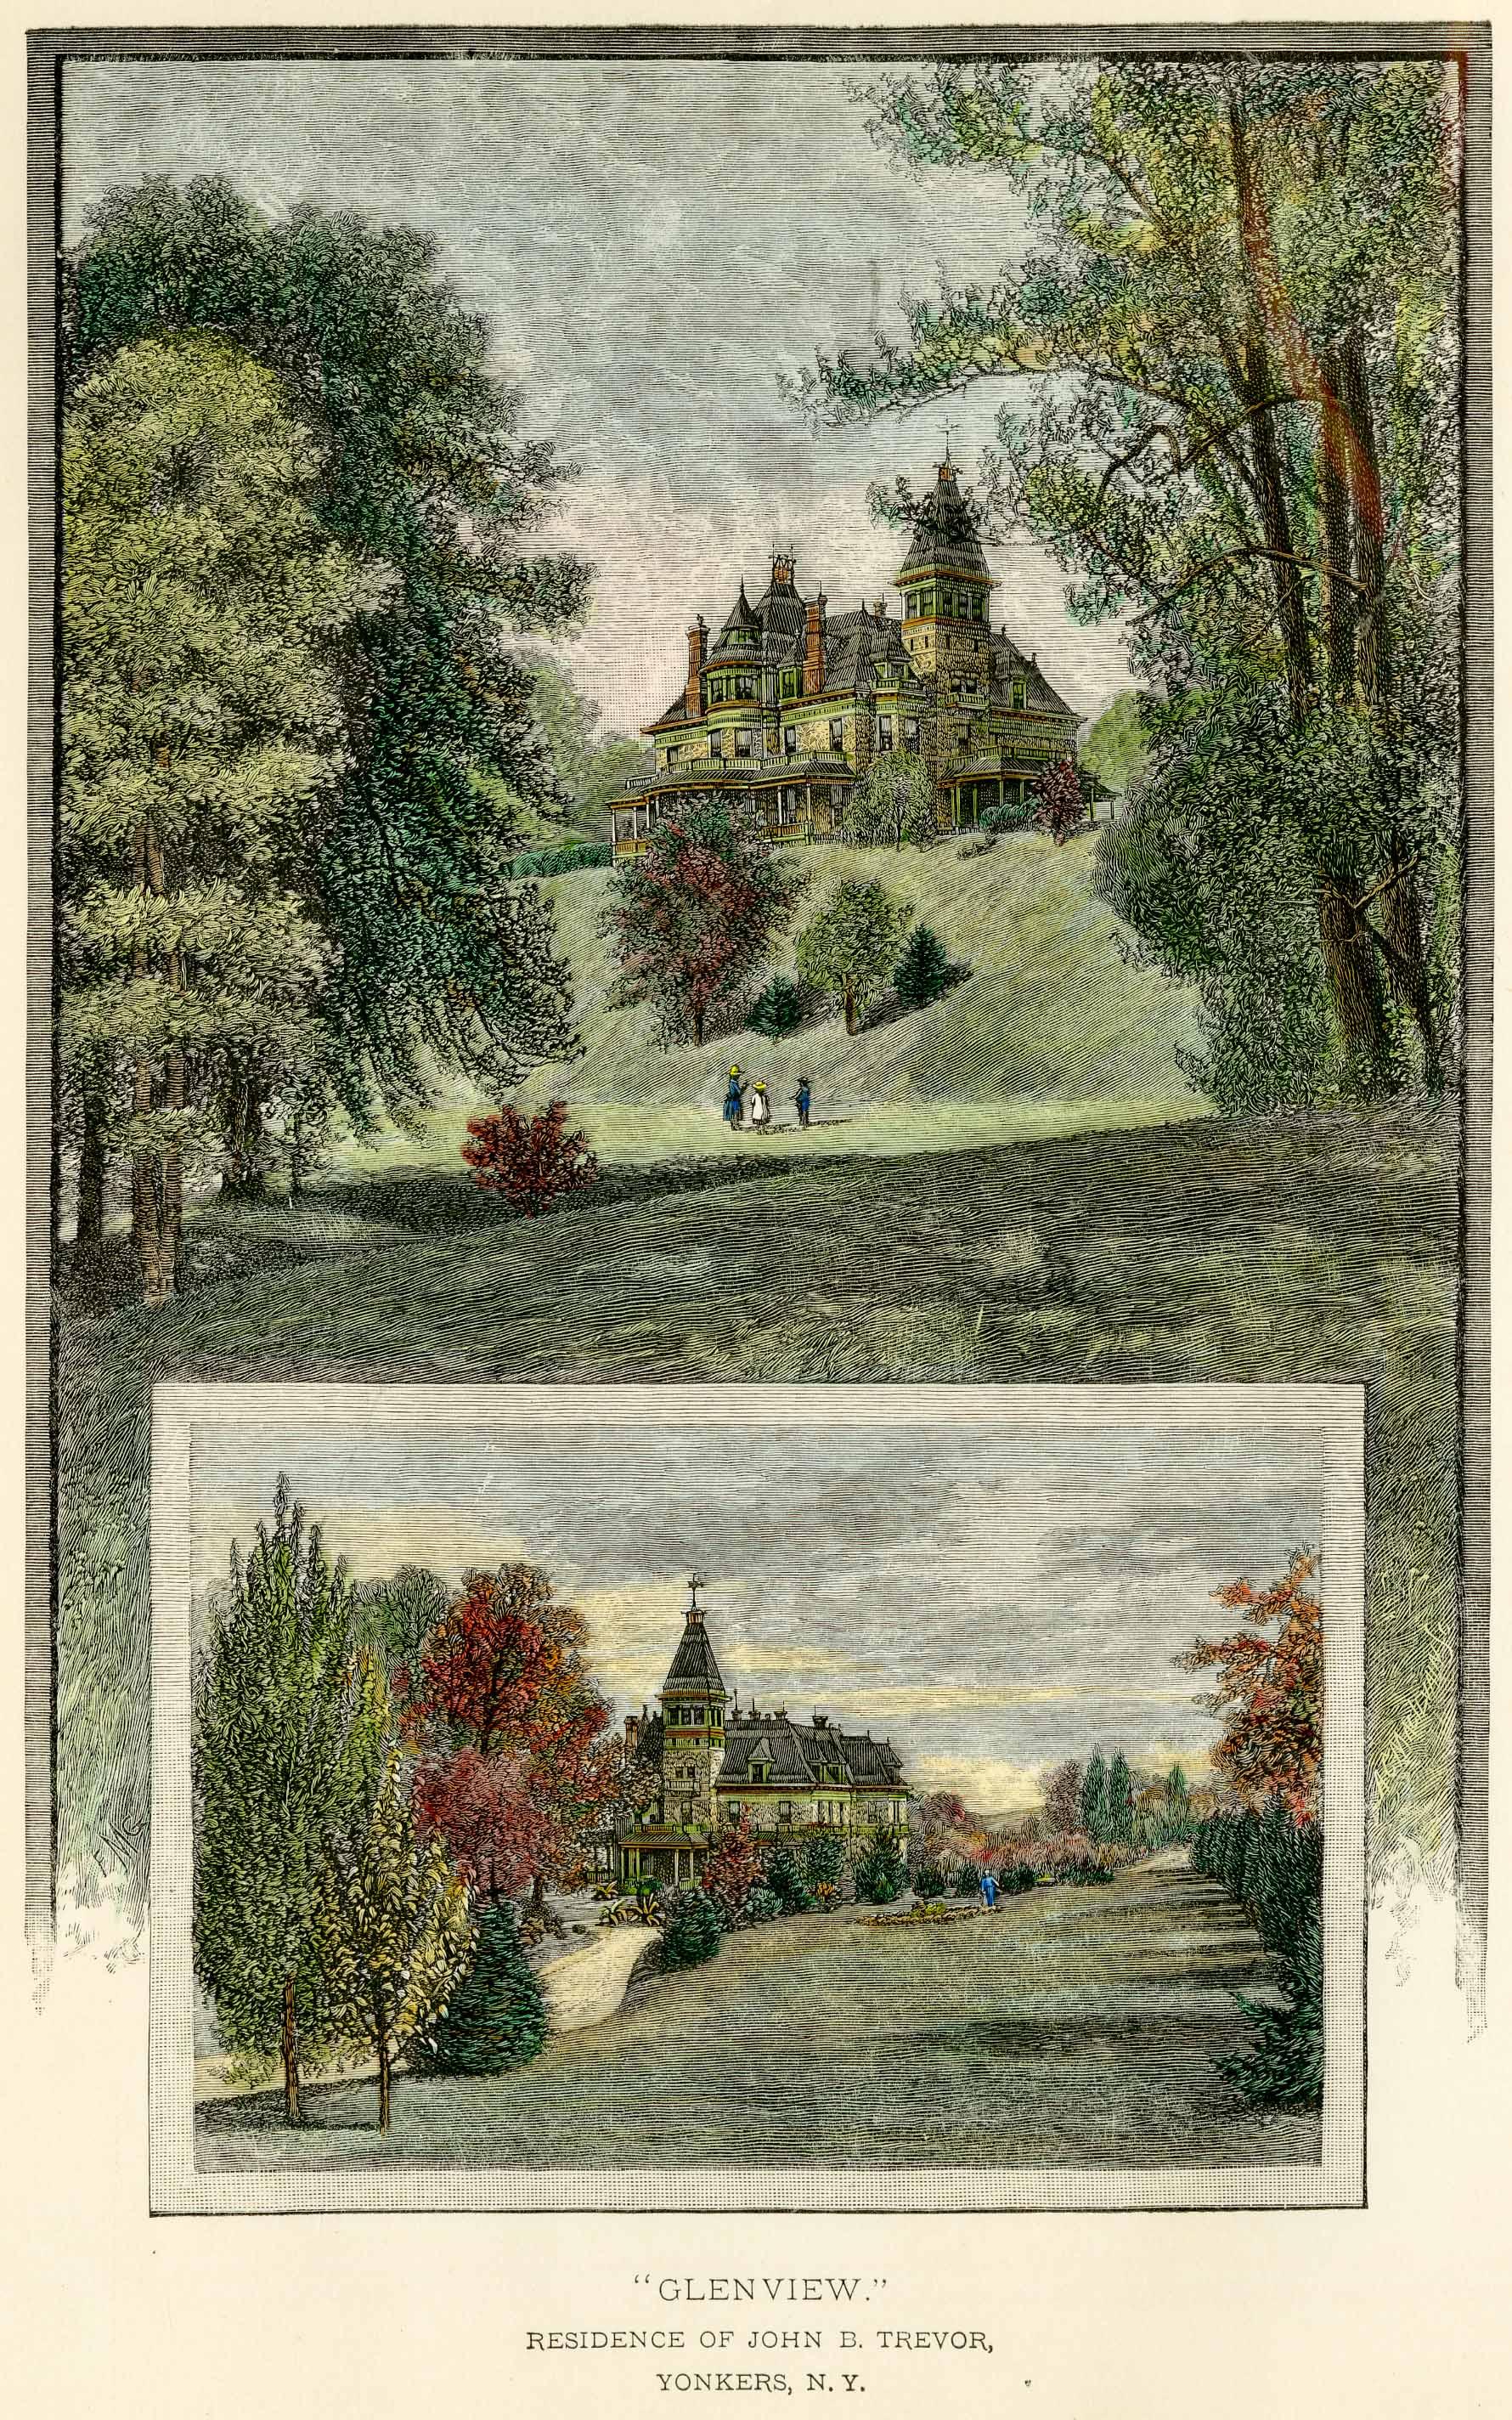 Glenview in 1886.